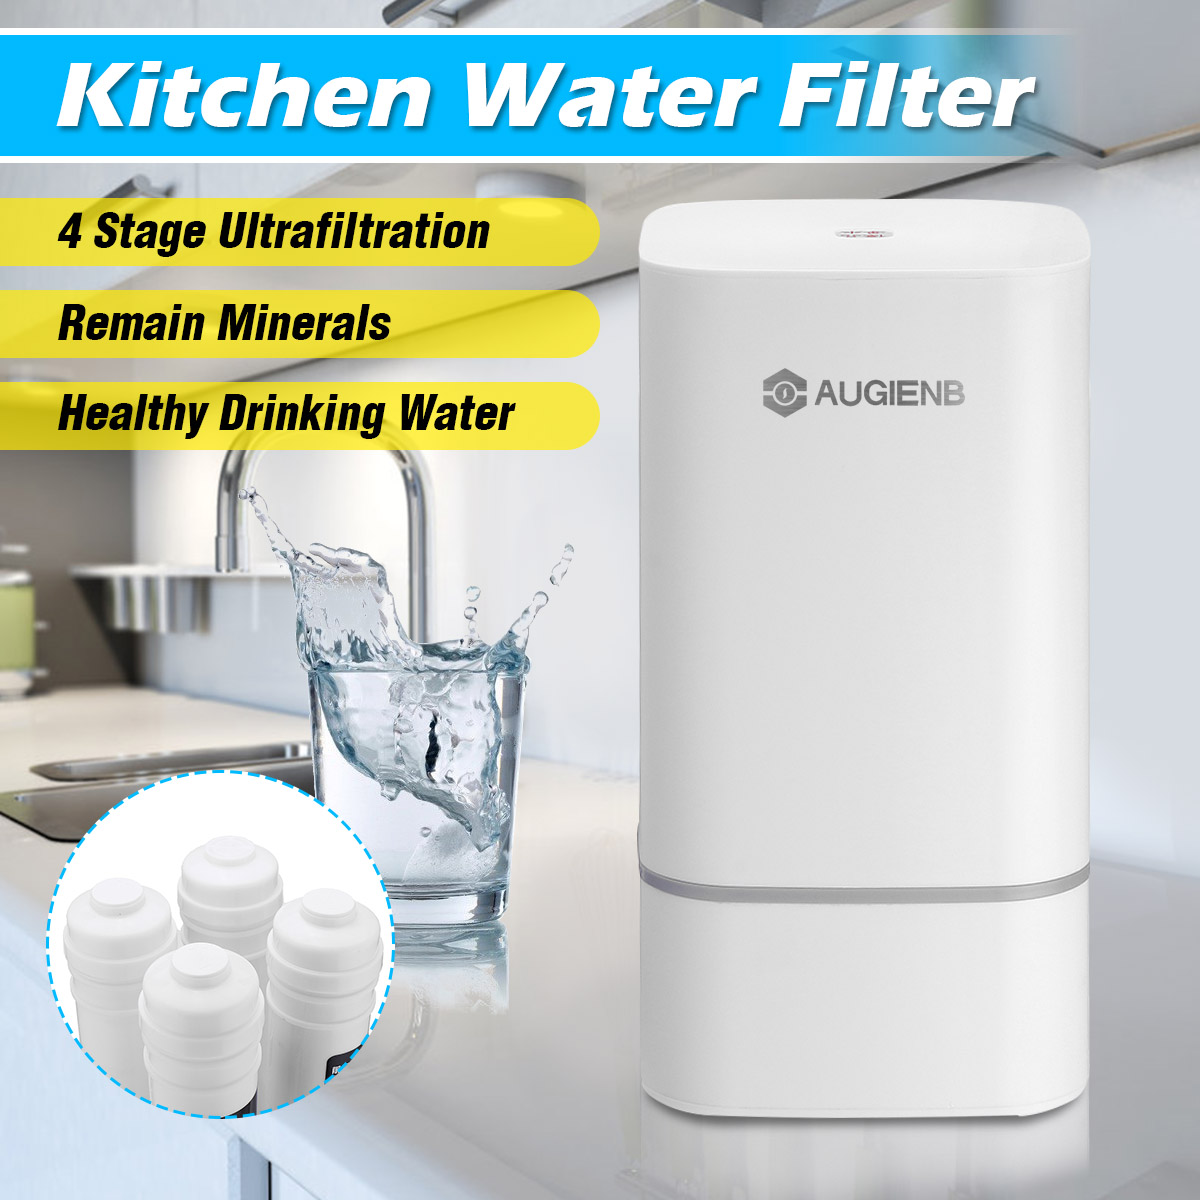 4 этап столешница RO очиститель воды мембранный фильтр воды для обратного осмоса системы технологии кухня тип домашнего использования